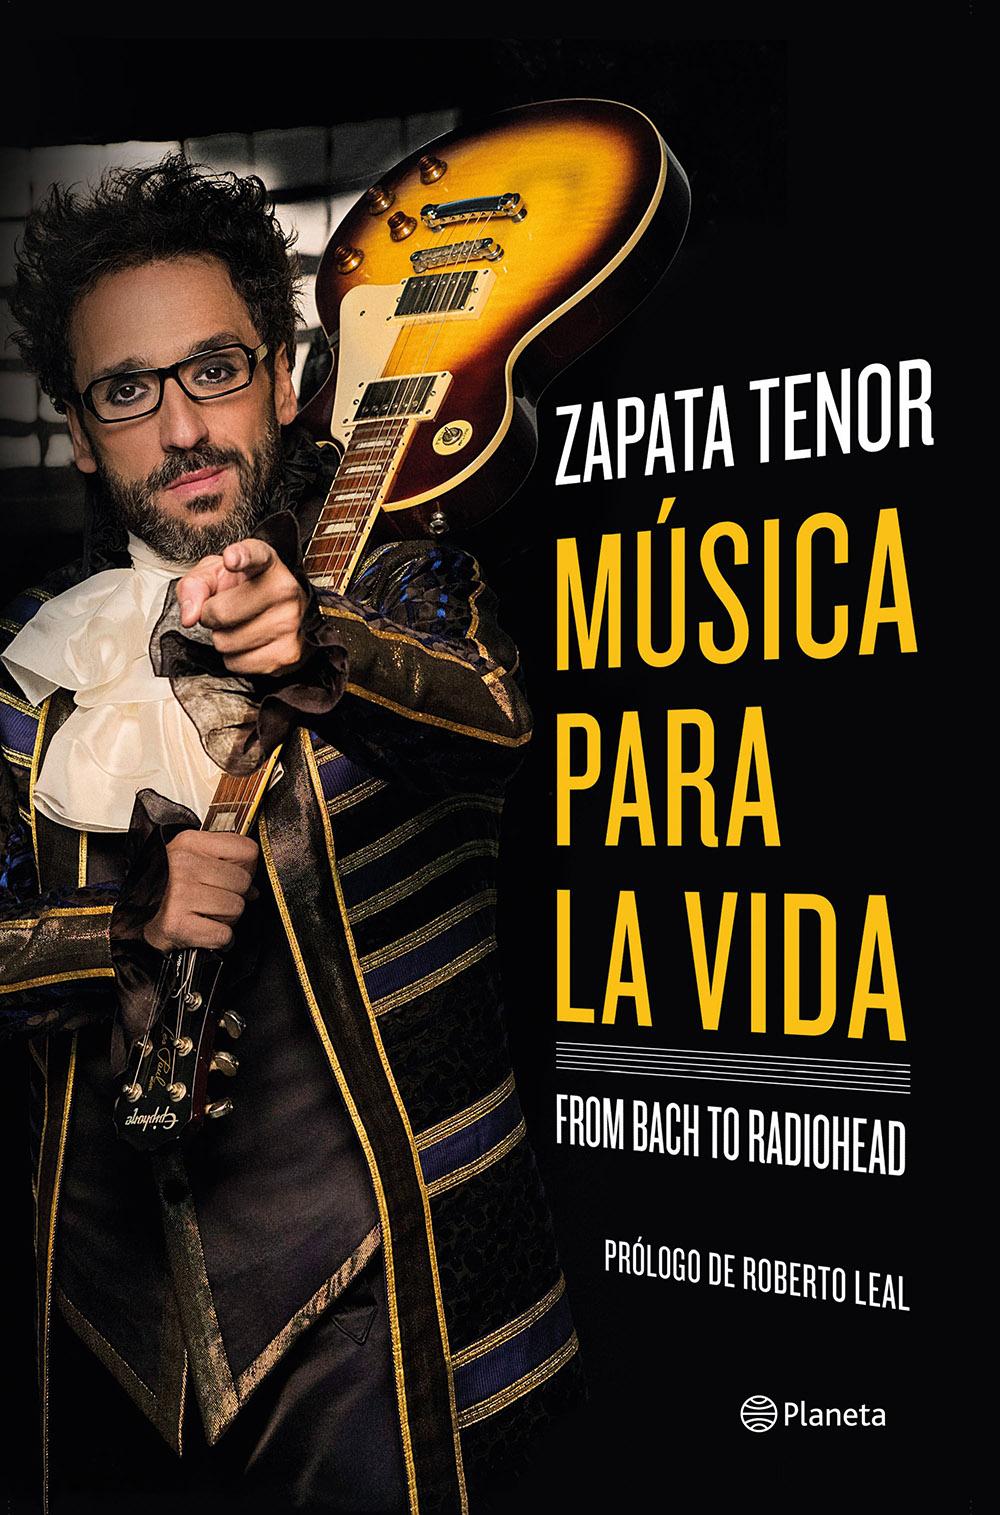 Música para la vida (Zapata Tenor, 2021)